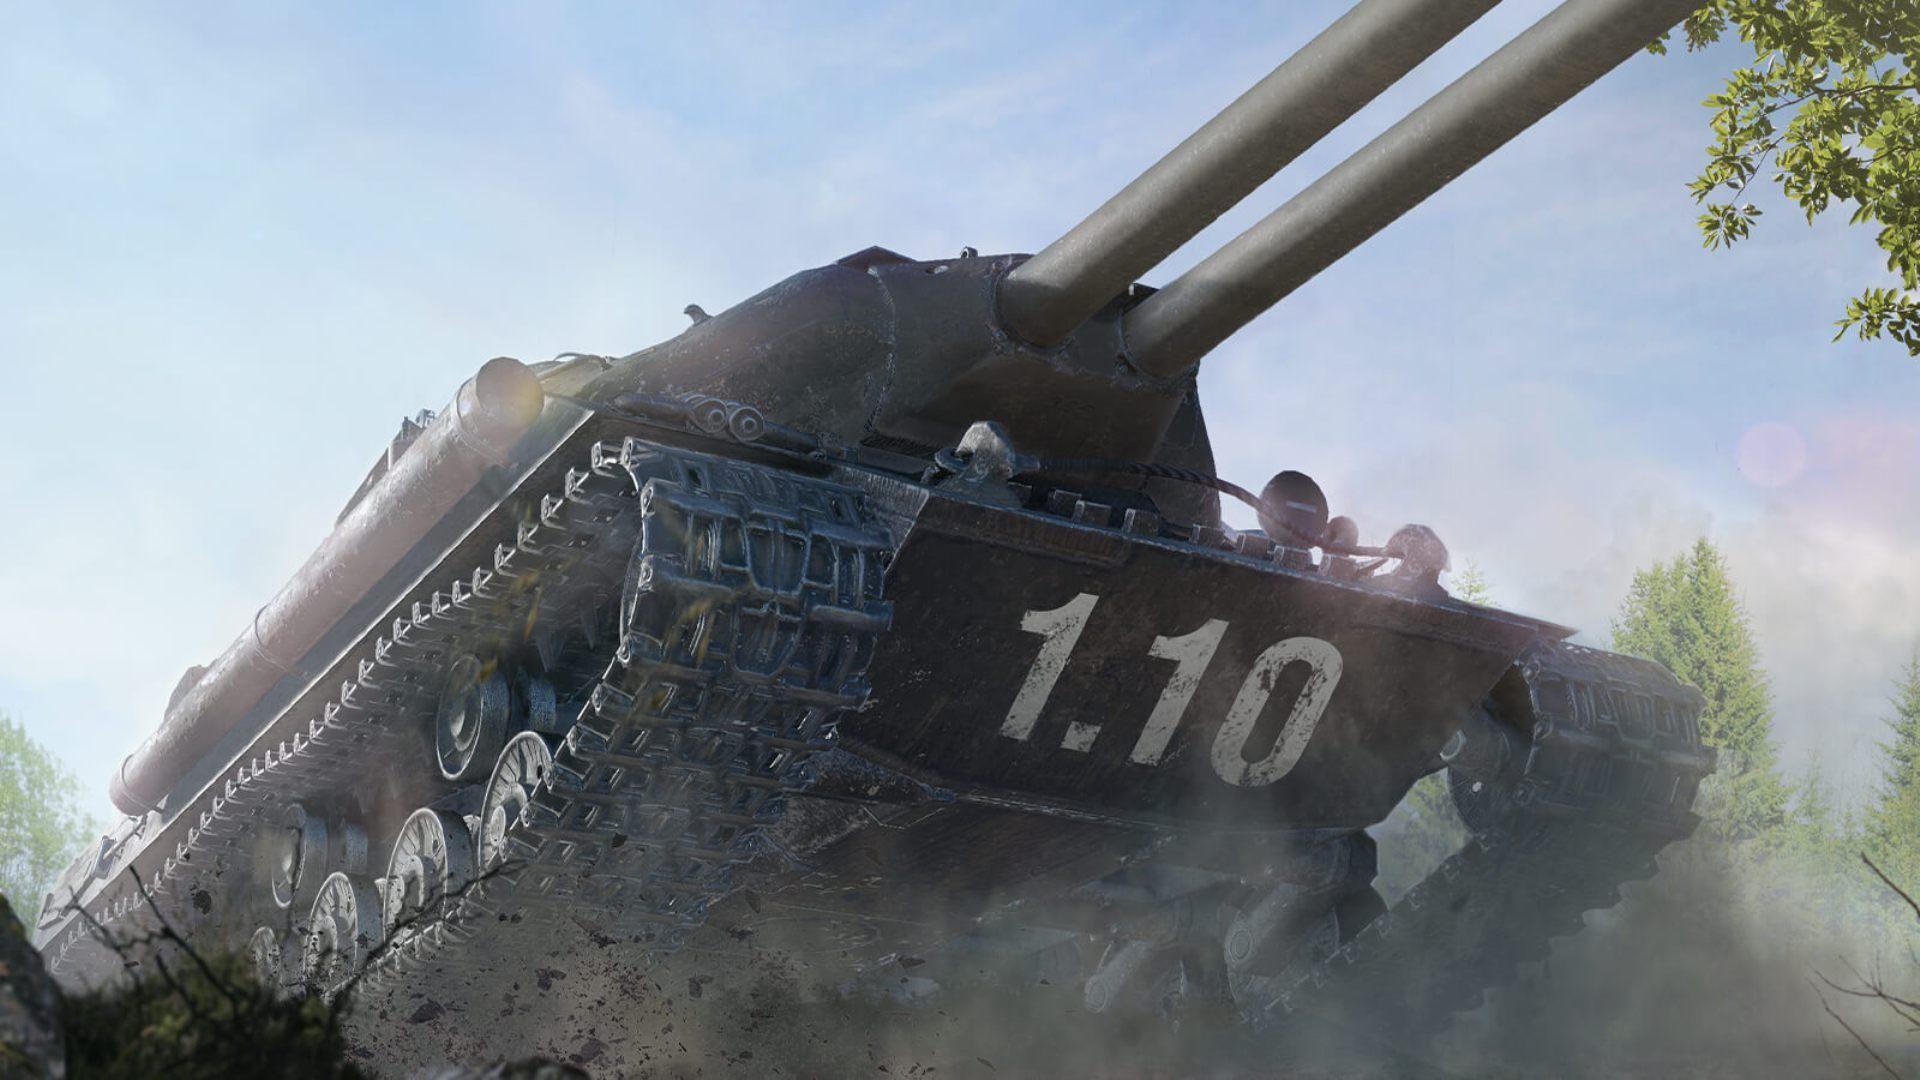 Подробности изменений в обновлении World of Tanks 1.10